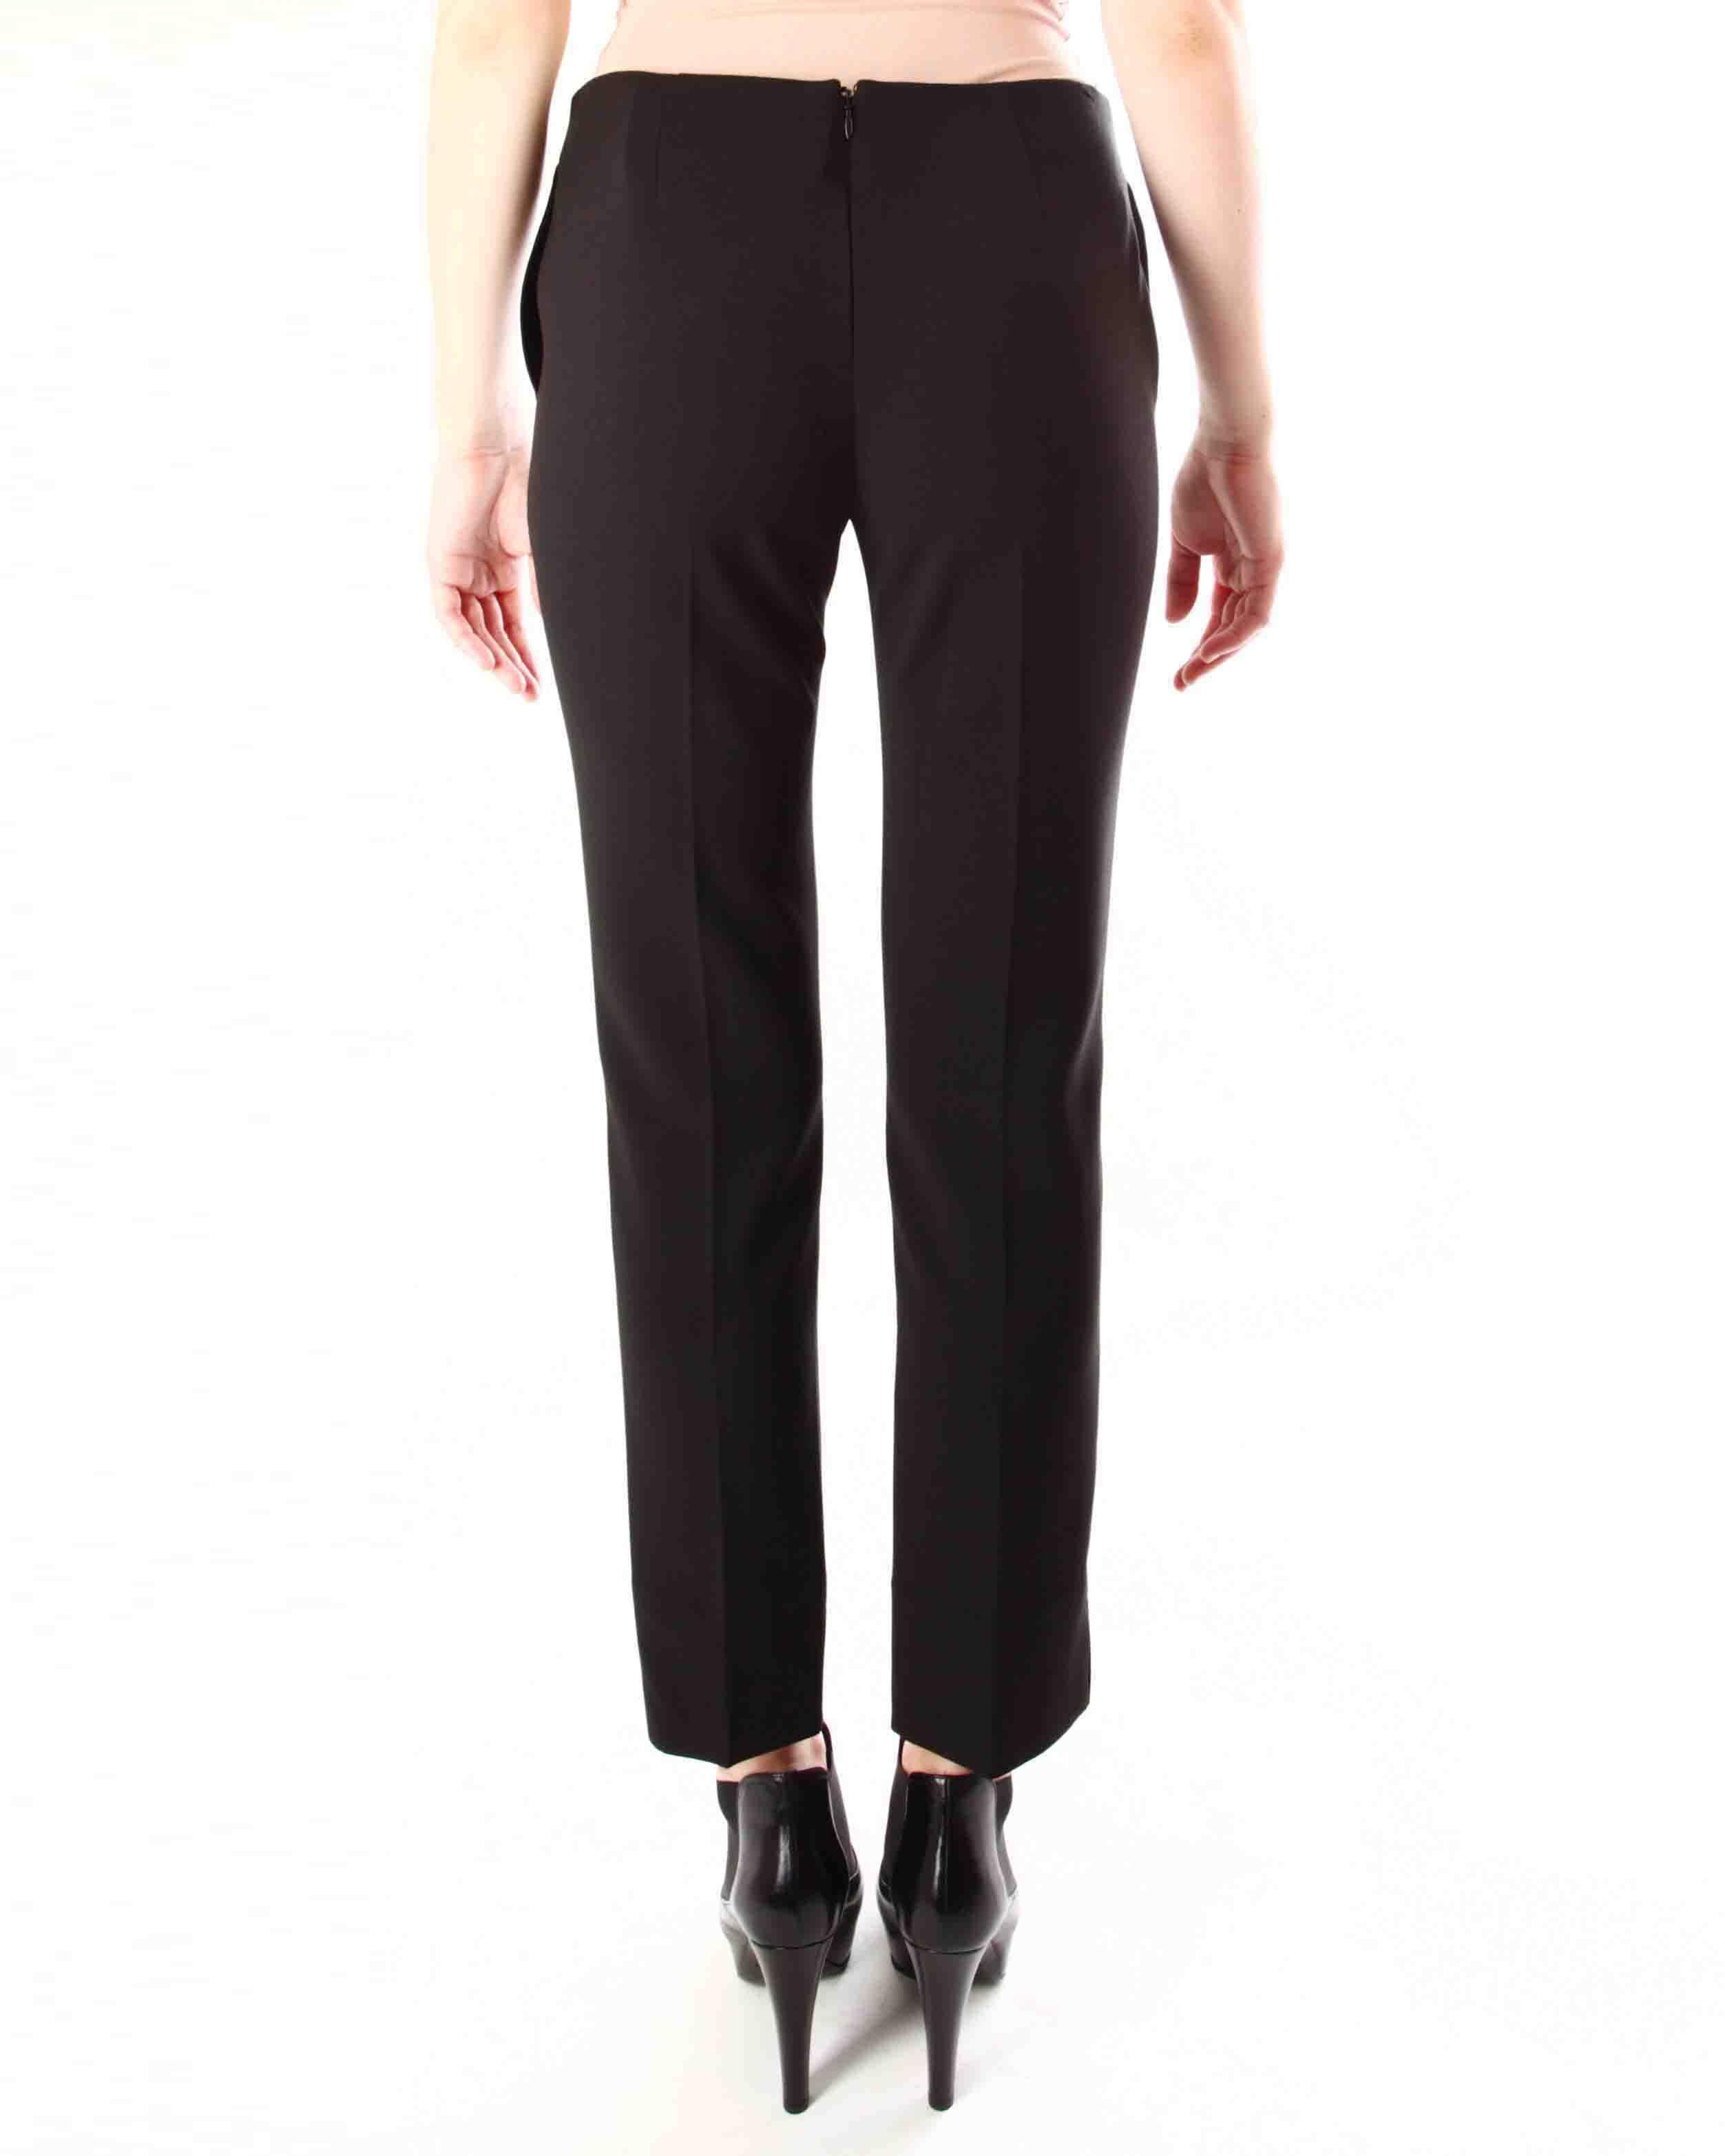 женская брюки JO NO FUI, сезон: зима 2013/14. Купить за 9900 руб. | Фото 2